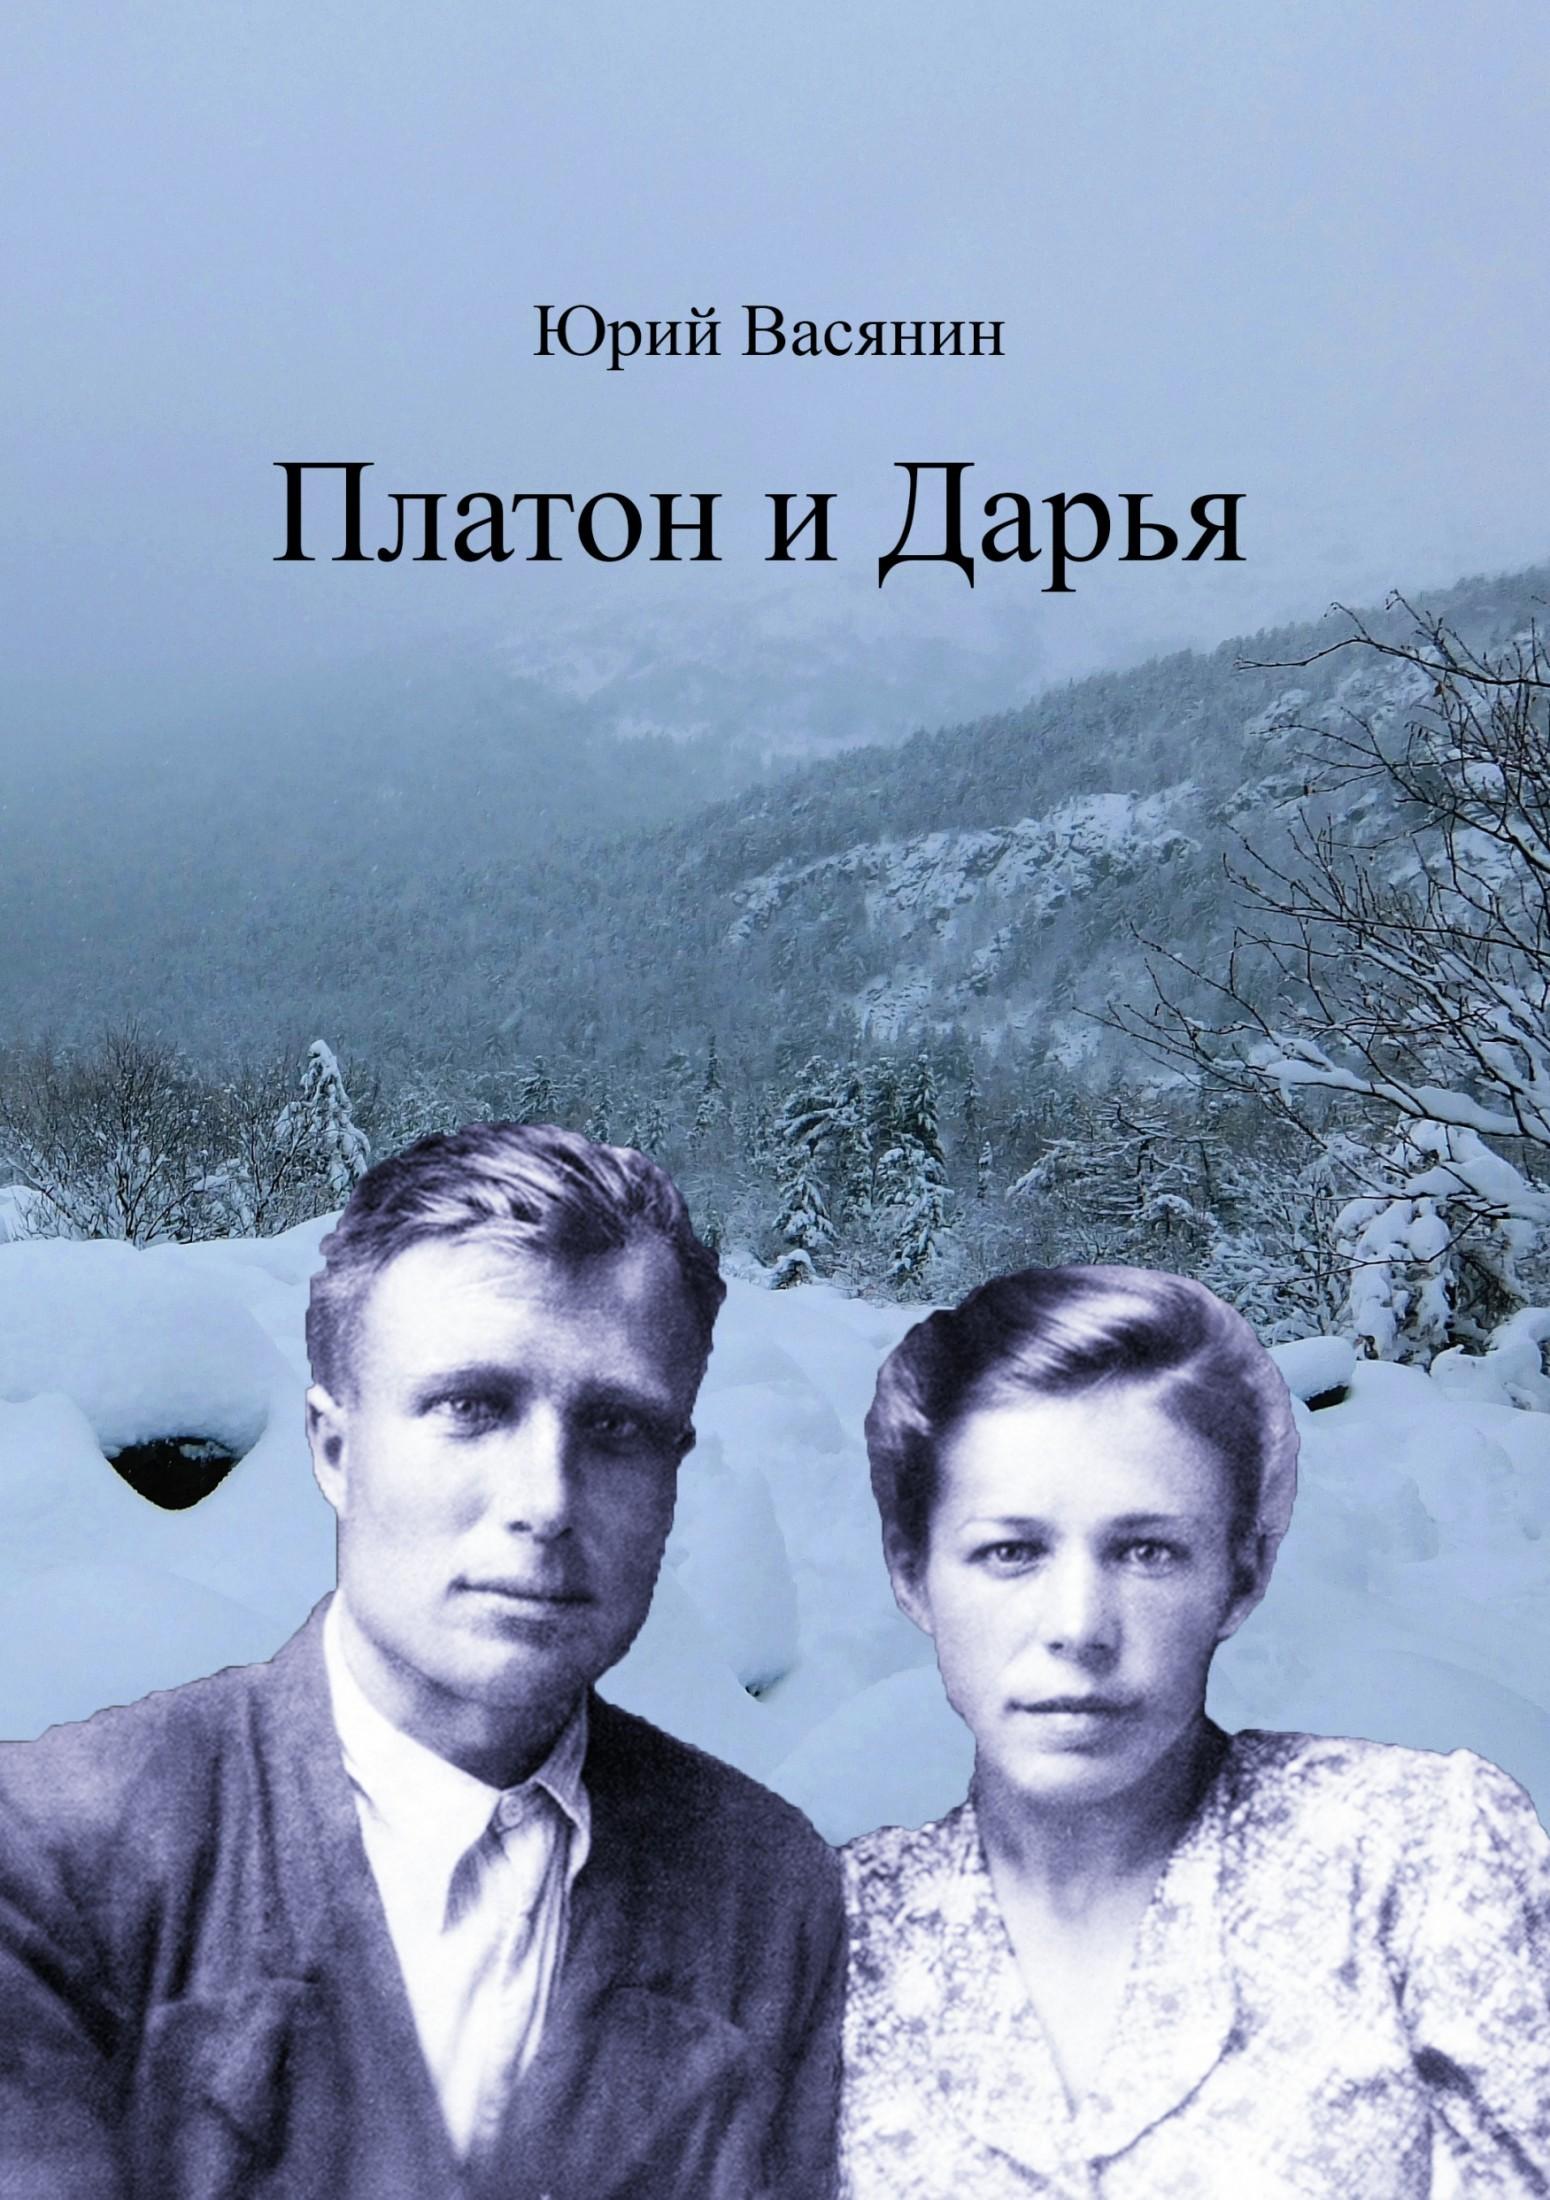 Юрий Павлович Васянин бесплатно